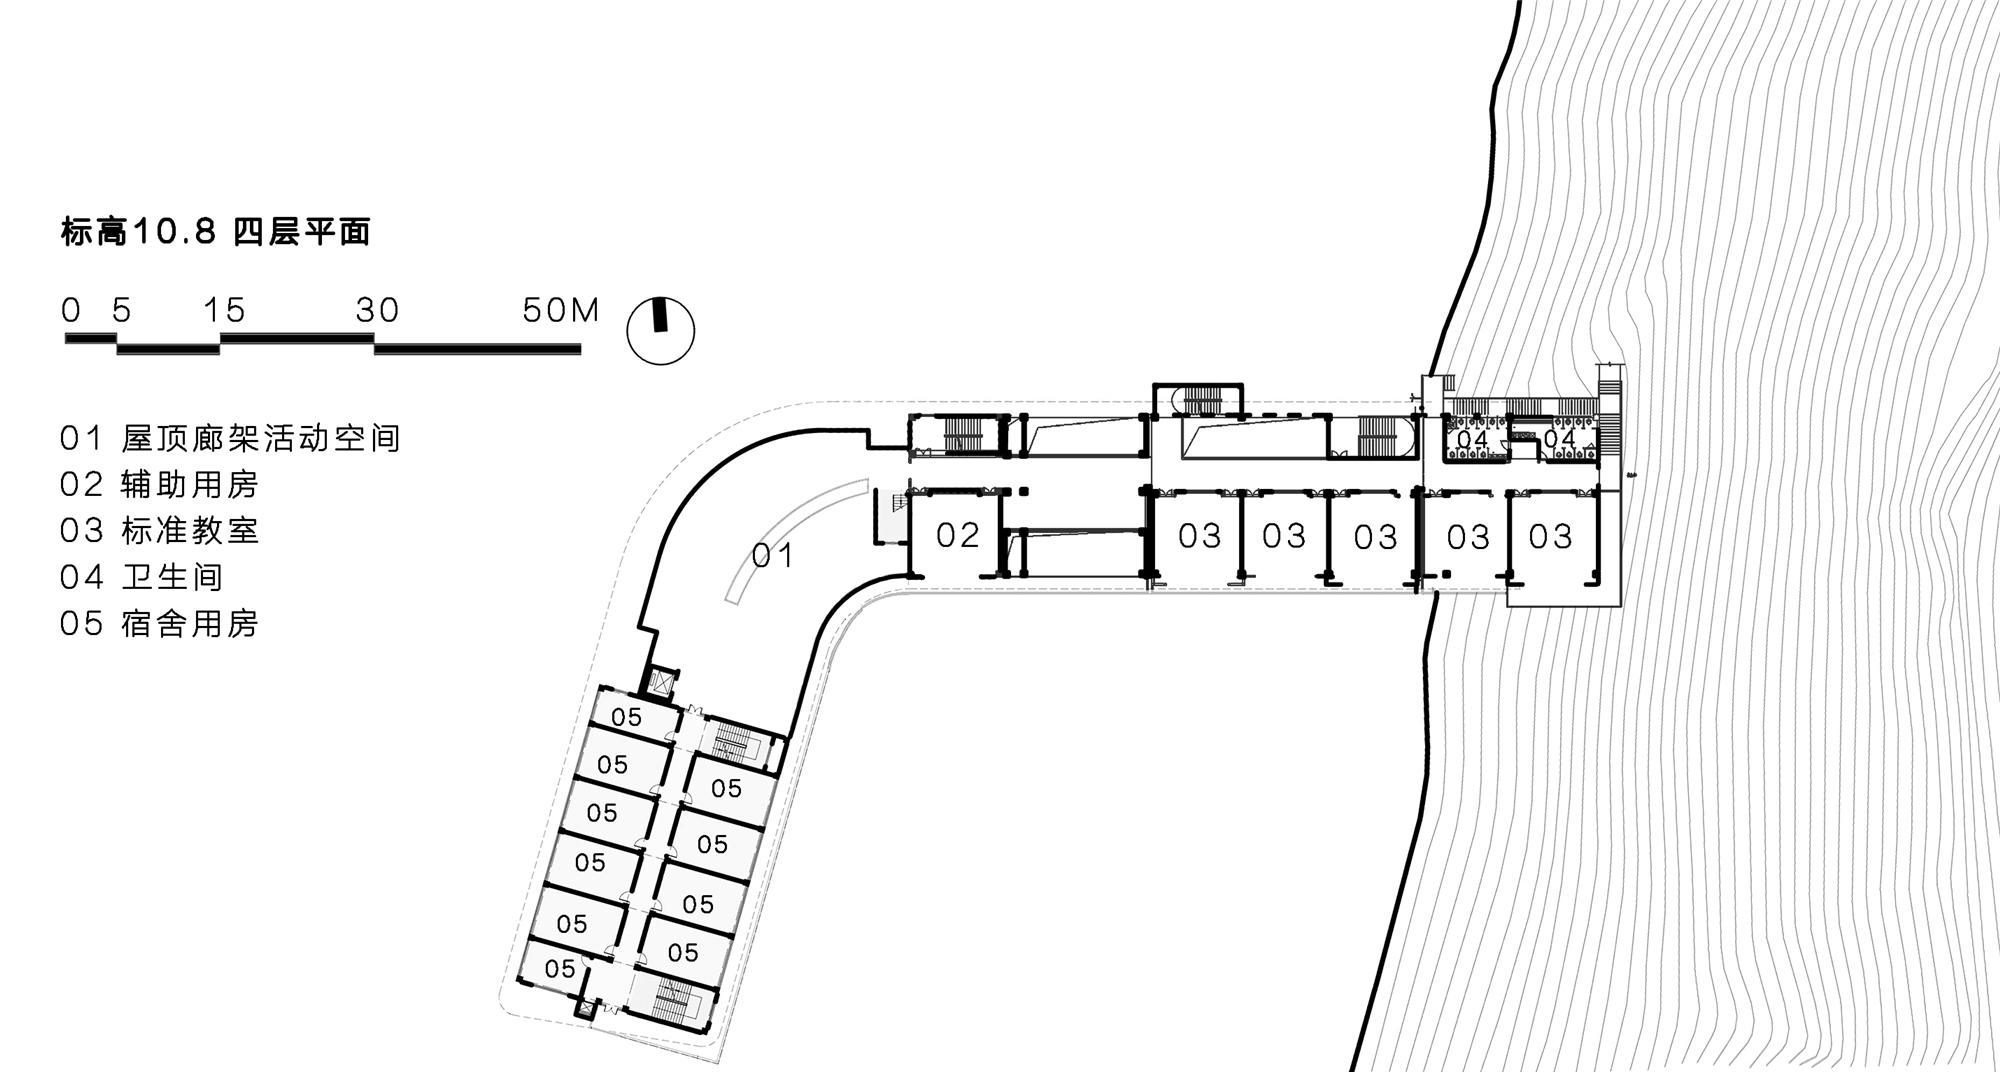 玉溪市生态实验小学 建筑letou国际米兰下载 /  上海思序建筑规划letou国际米兰下载有限公司